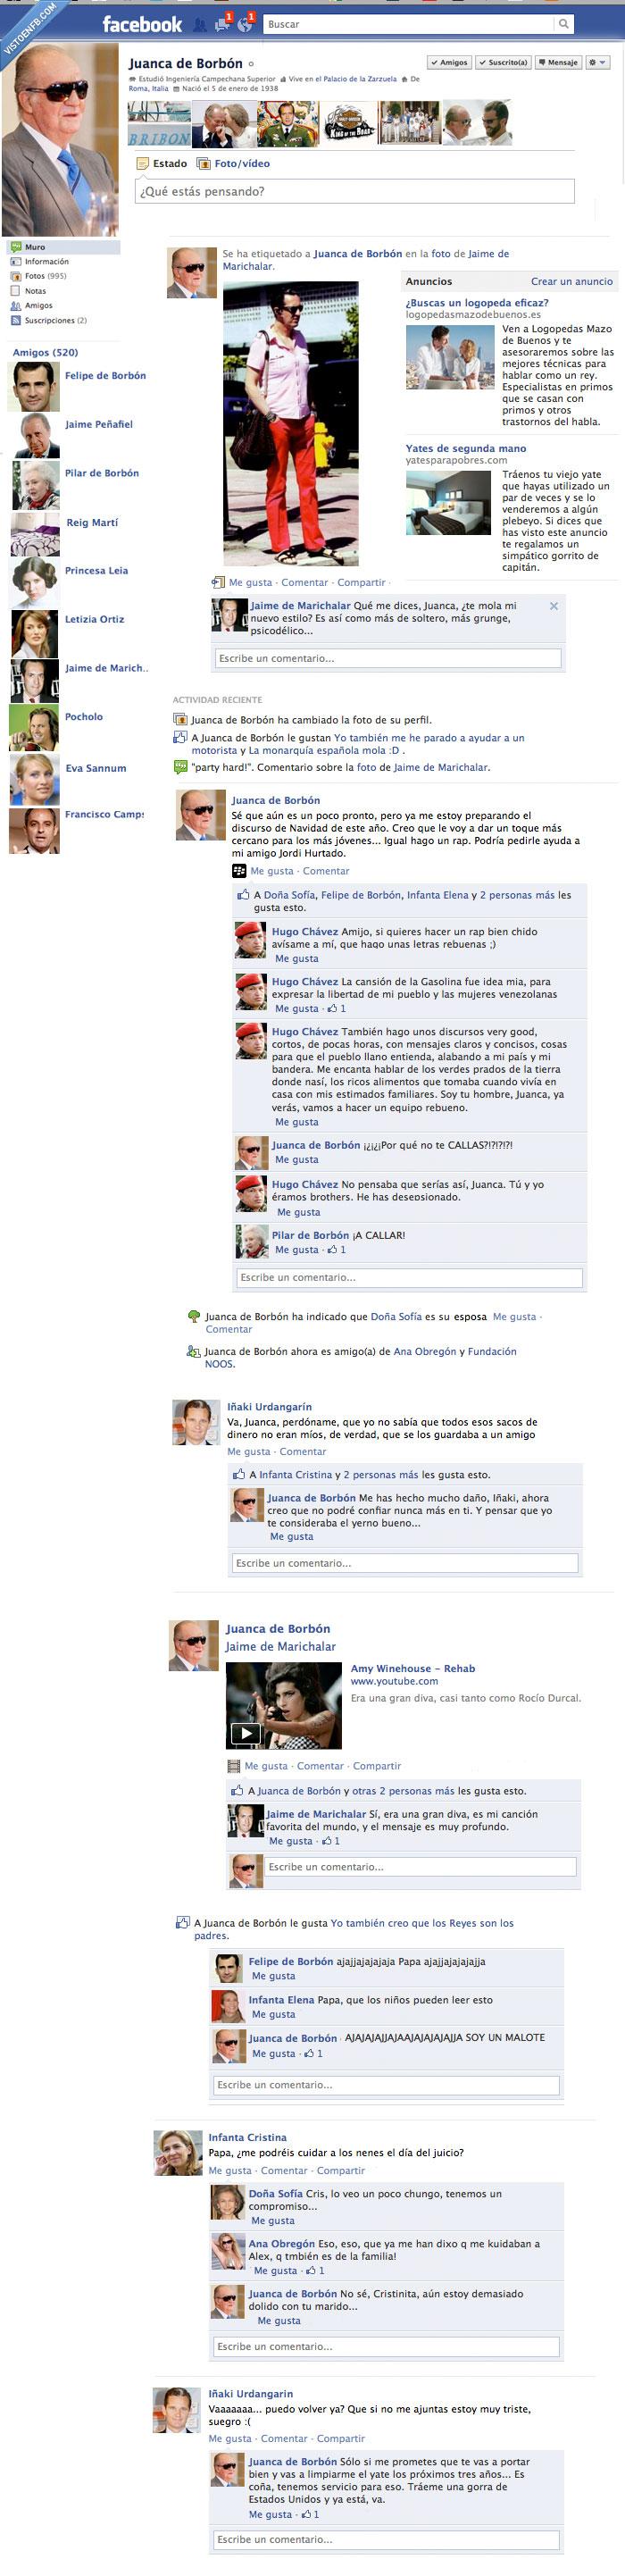 ana obregon,españa,facebook,falso,infanta,juan carlos,marichalar,pocholo,príncipe,reina,rey,urdangarin